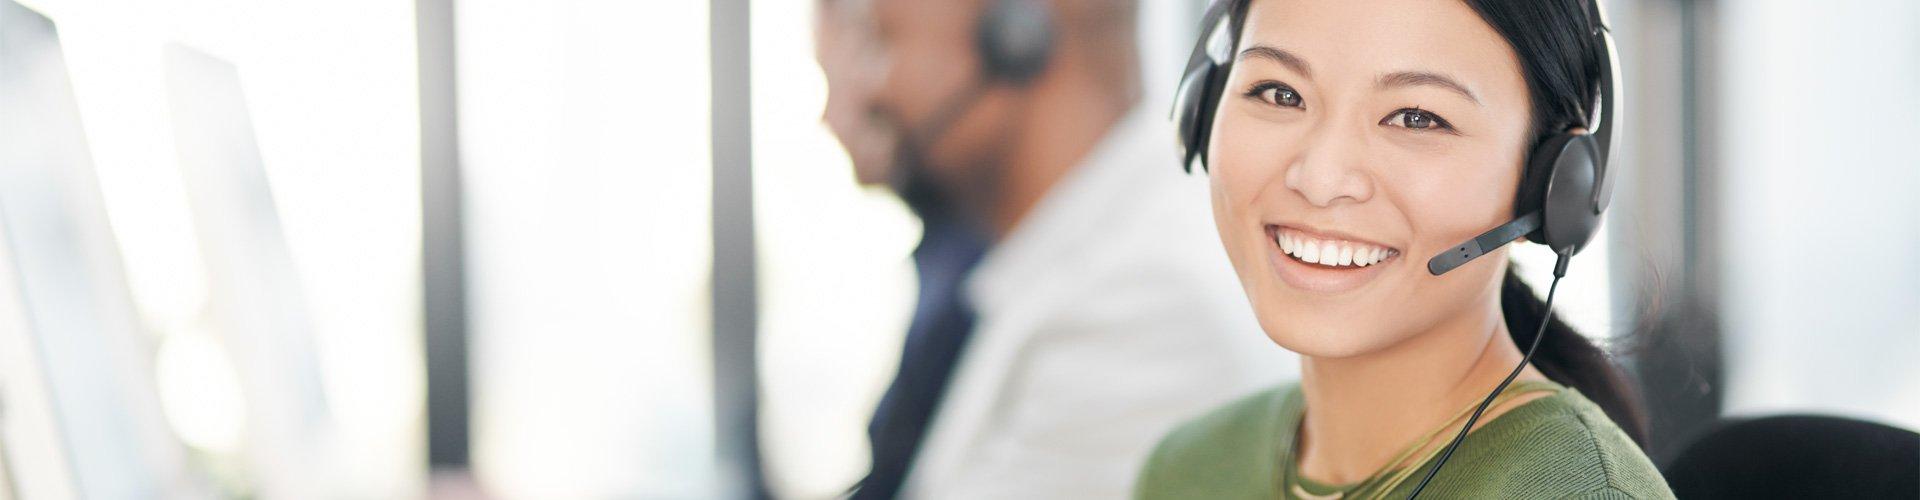 Mujer hablando por teléfono ayudando a un cliente con sus audífonos.